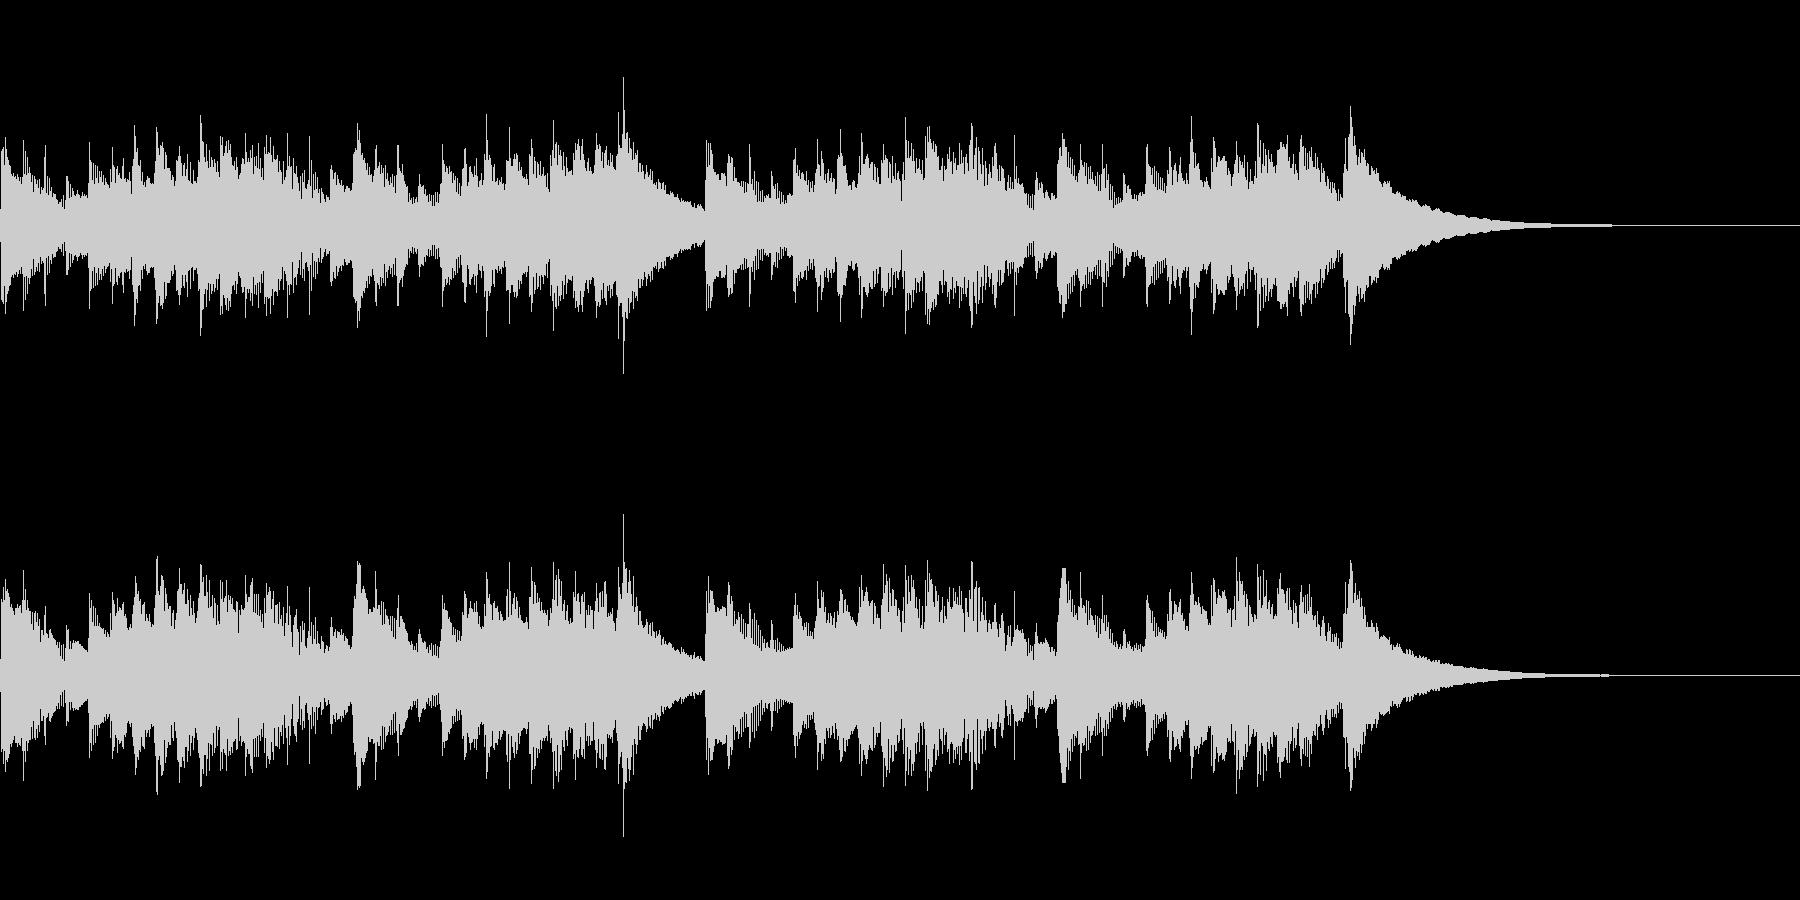 明るいオルゴール曲の未再生の波形